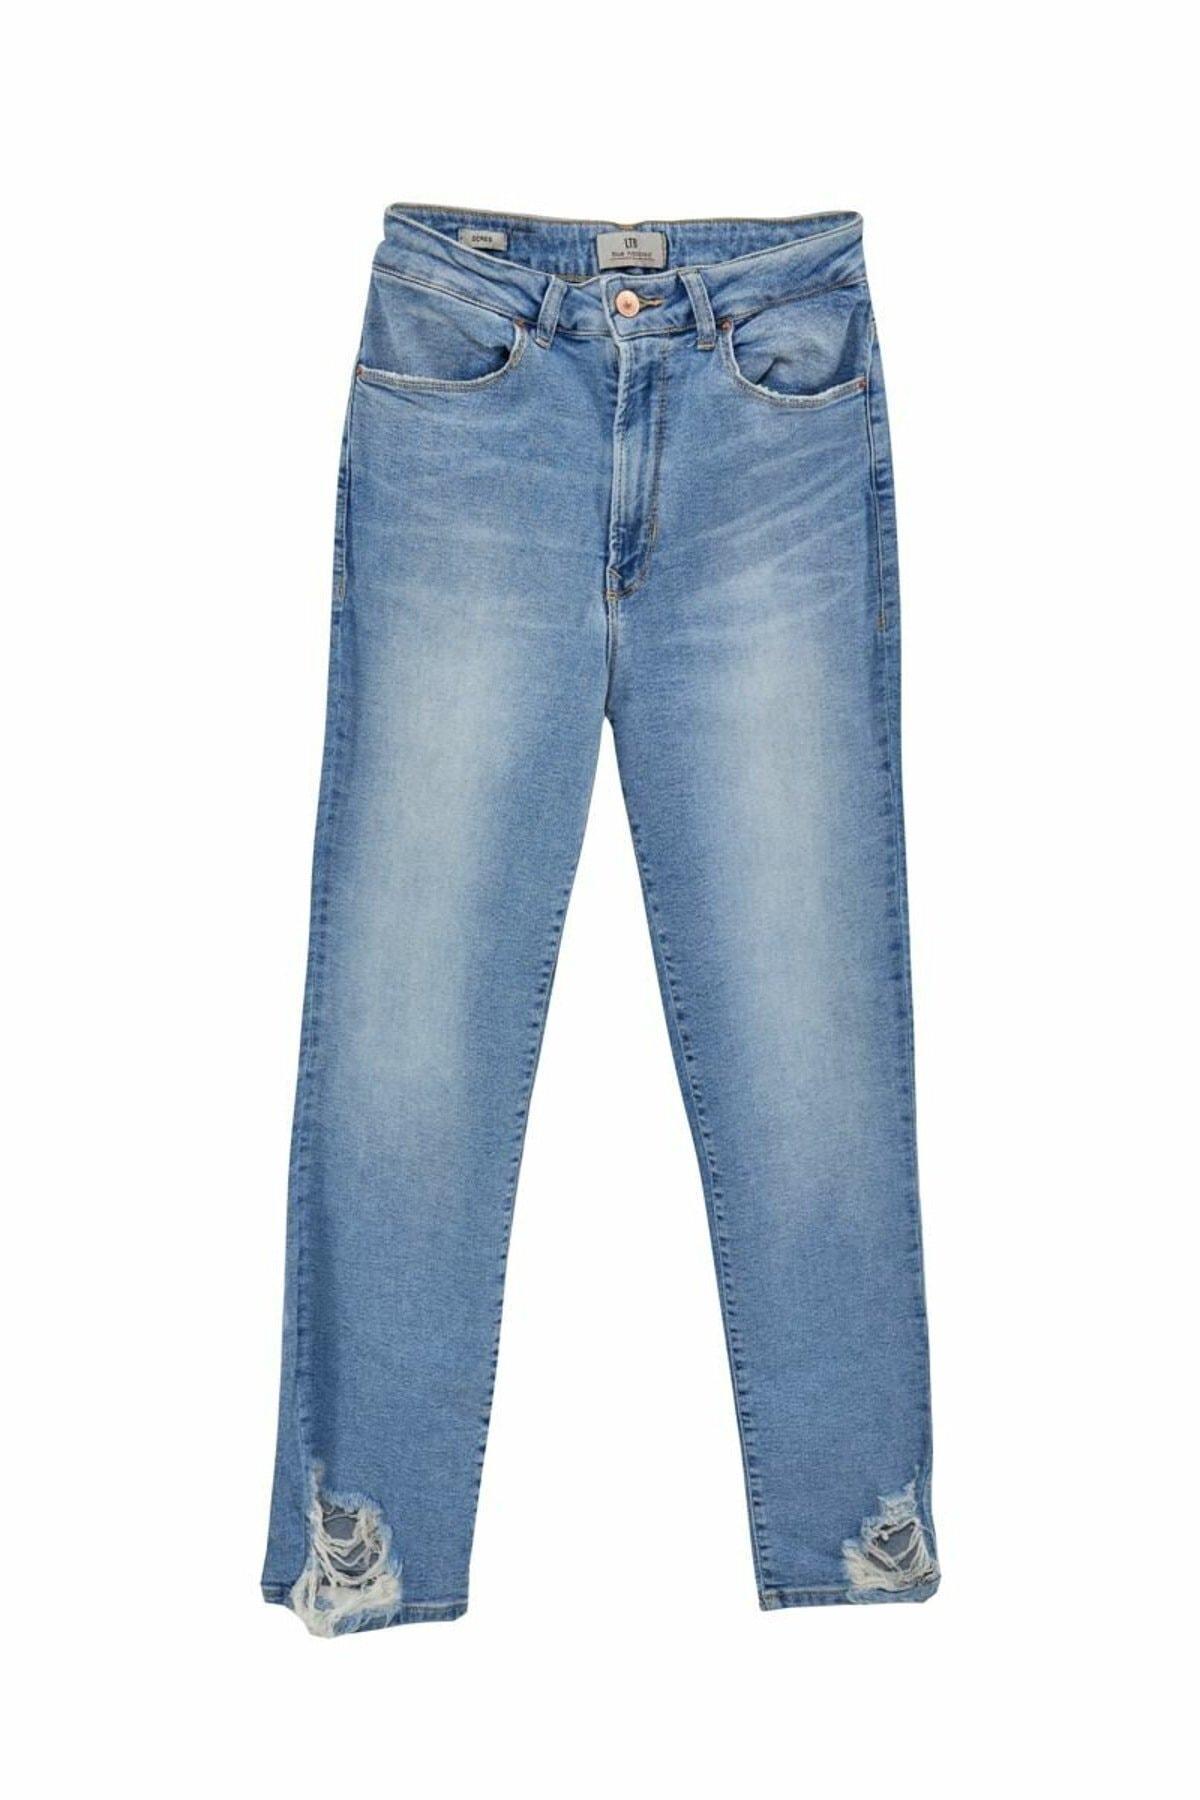 Dores Maraıs Paça Detaylı Mom Jeans 01009513941472653001